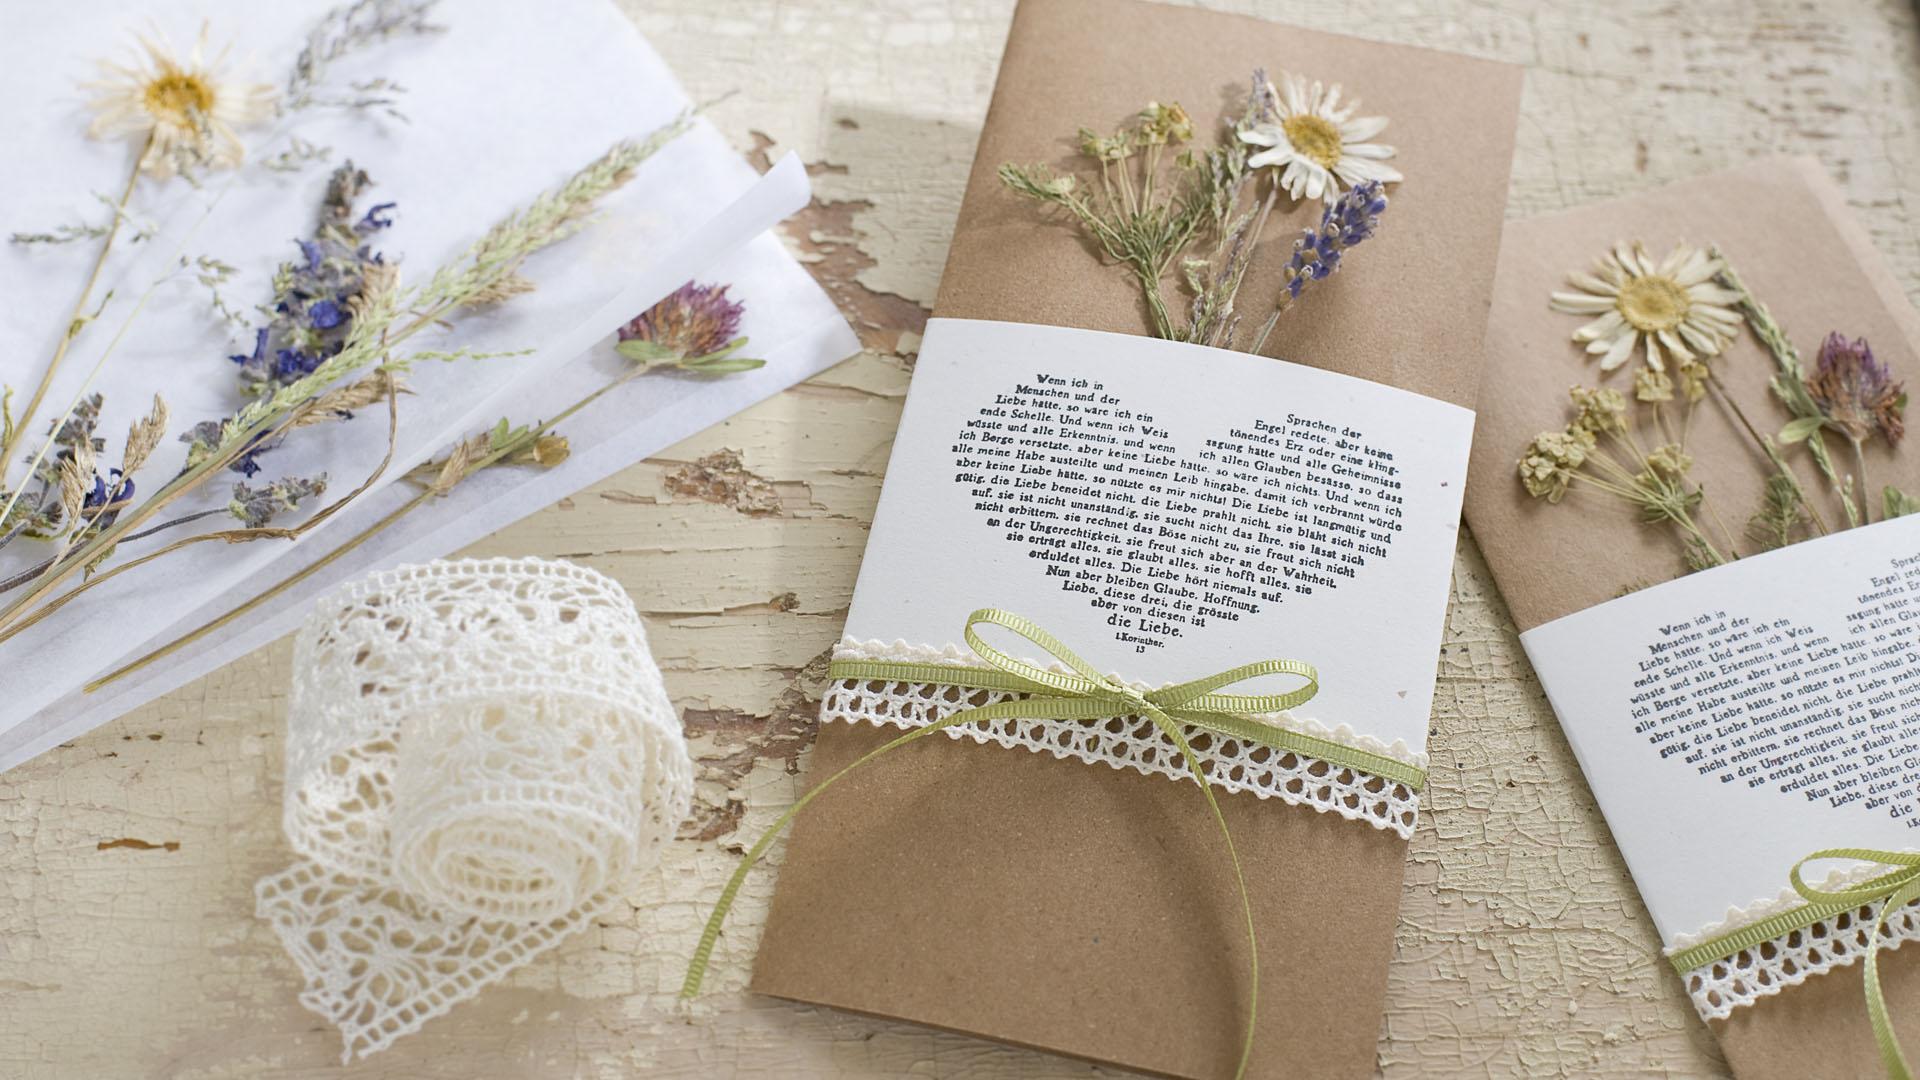 Ideen für Hochzeiten: Glaube, Liebe und Hoffnung | Einladung und Glückwunschkarte